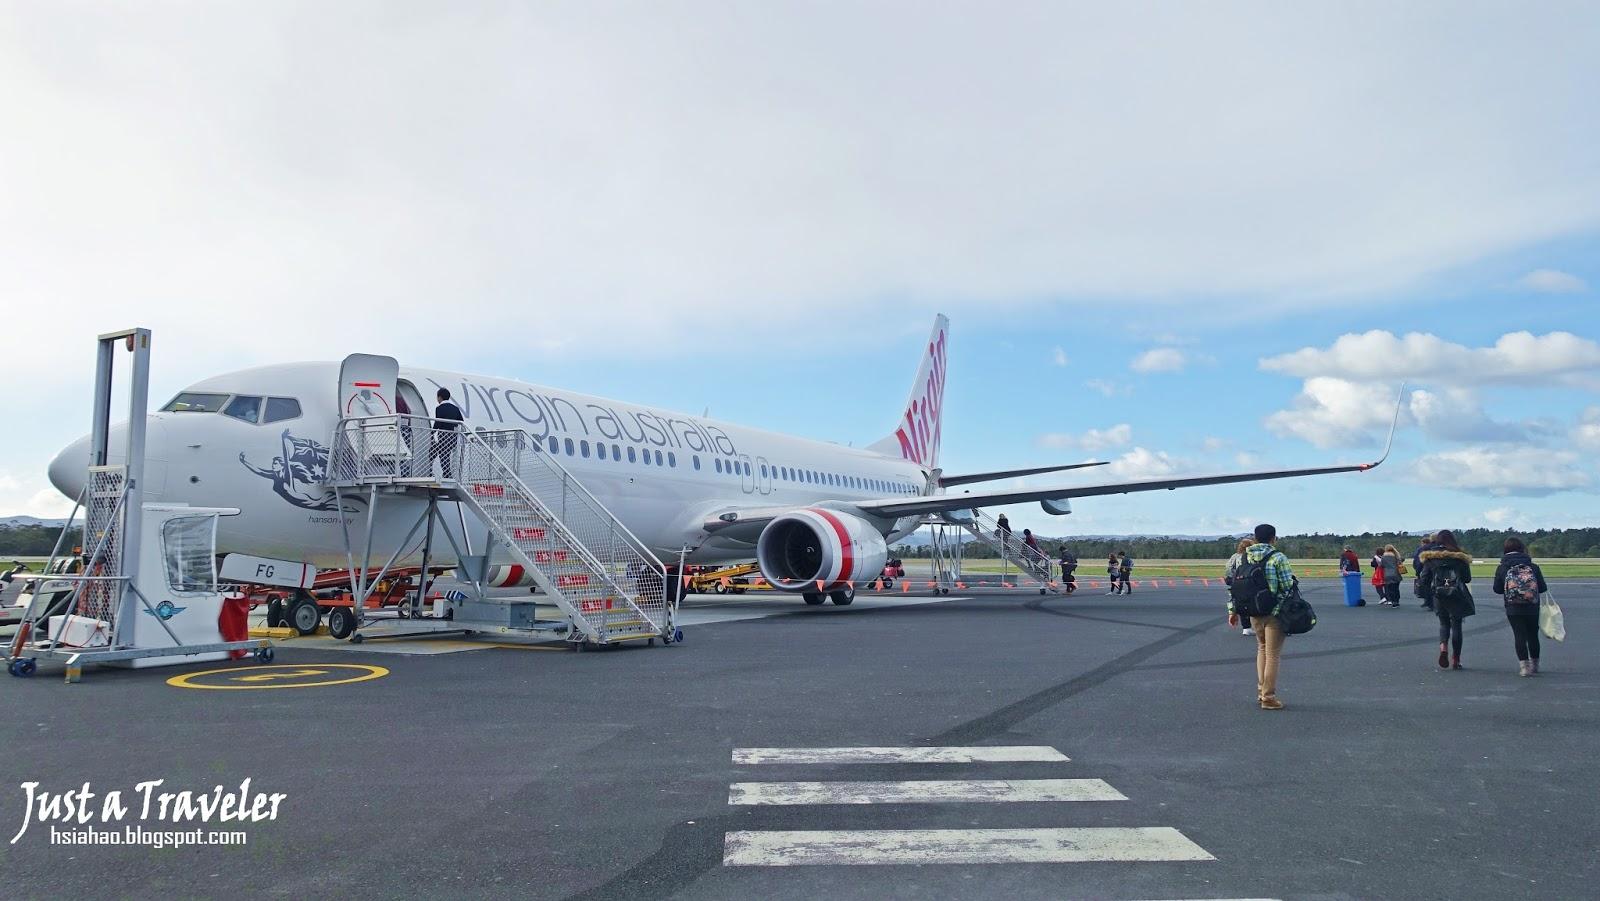 澳洲-廉航-廉價航空-布里斯本-塔斯馬尼亞-捷星-維珍-機票-訂票-Australia-Budget-Airline-Brisbane-Tasmania-Jetstar-Virgin